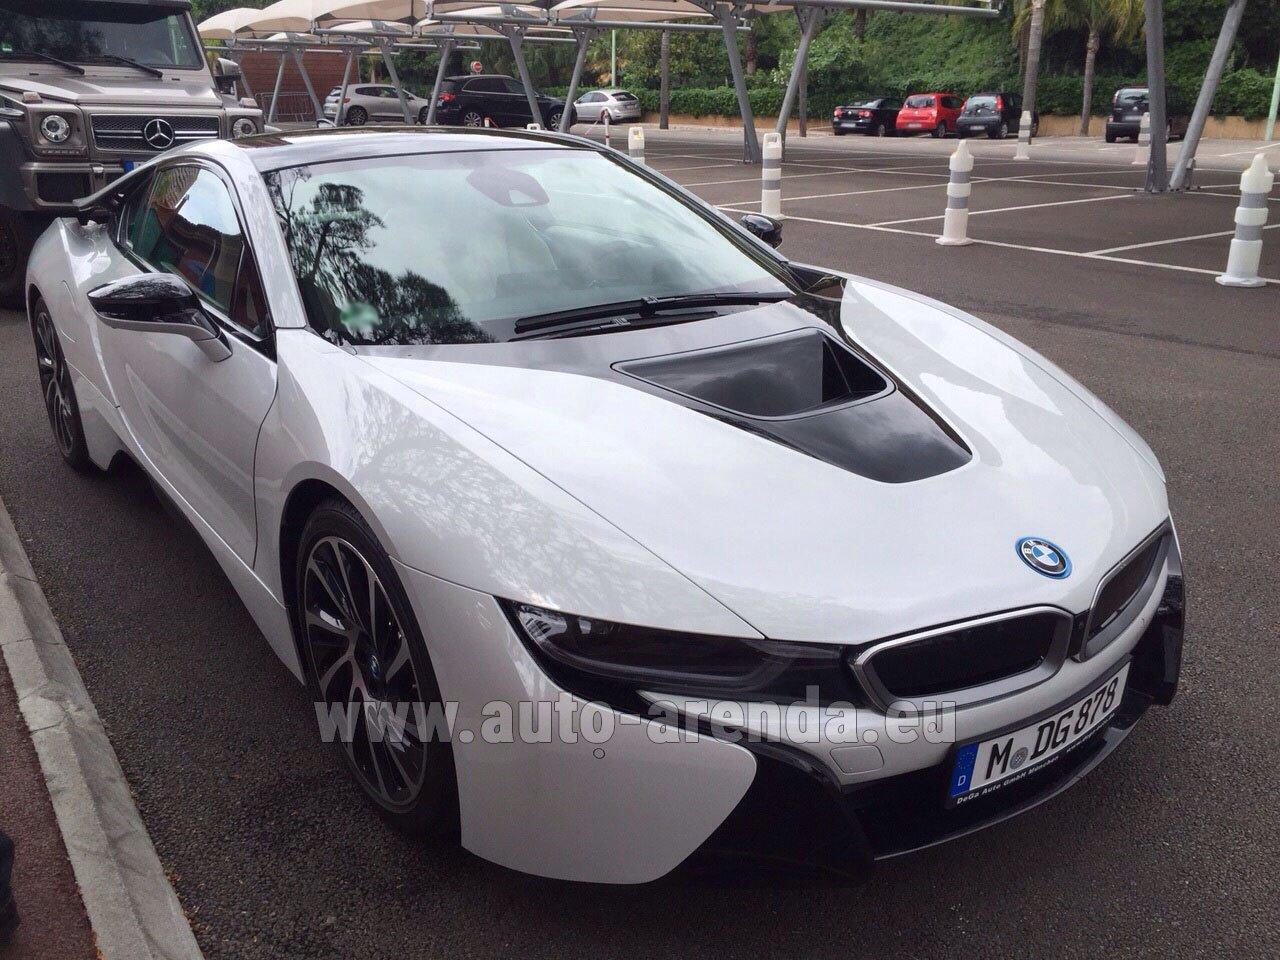 Аренда автомобиля БМВ i8 Купе Pure Impulse в Мюнхене в Баварии